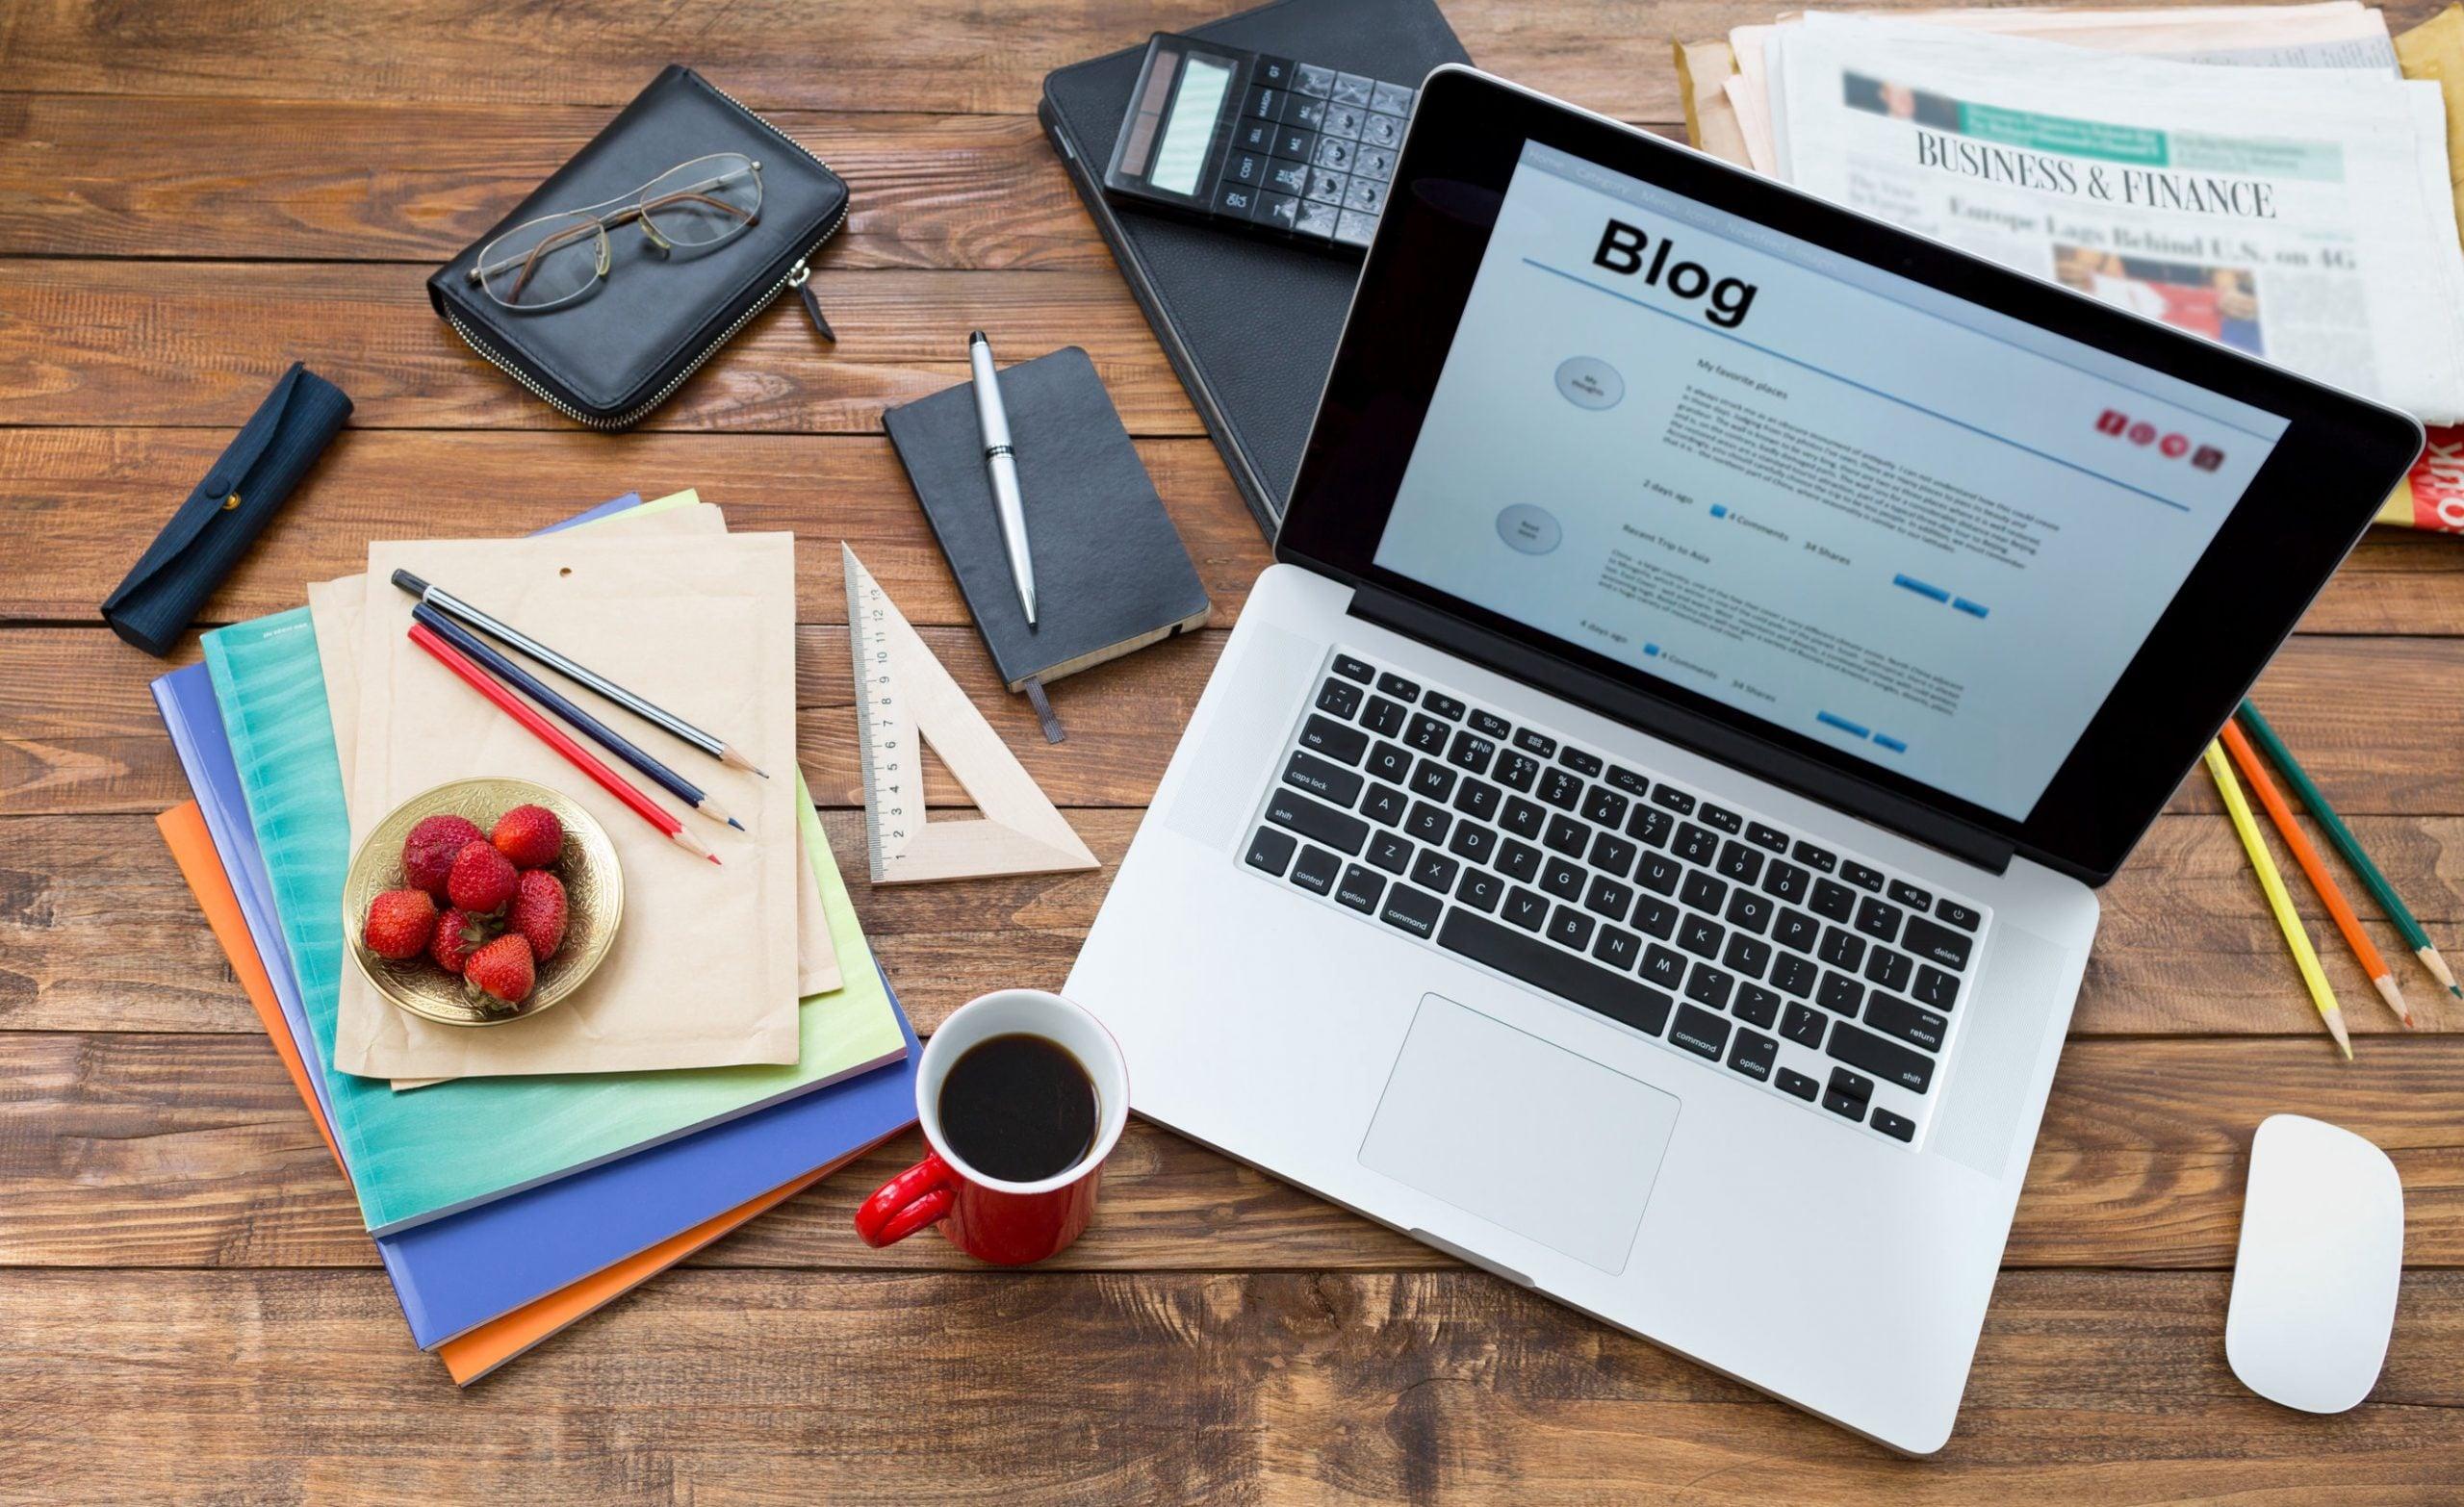 Ne İş Yapar Bu Blogger'lar? Blogger Ne Demek?